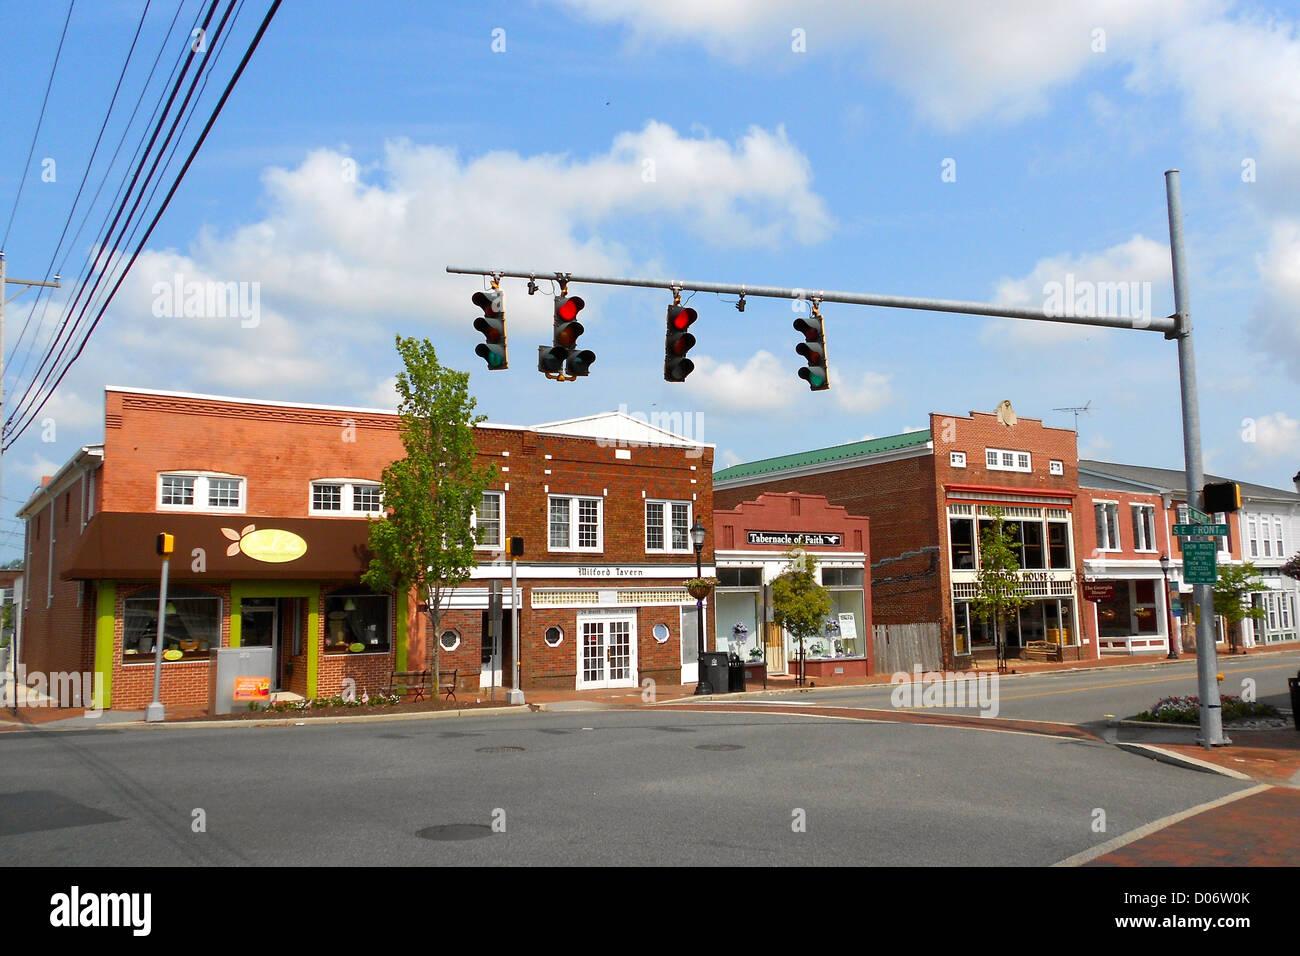 Gebäude im Zentrum von Milford, Sussex County, Delaware Stockbild